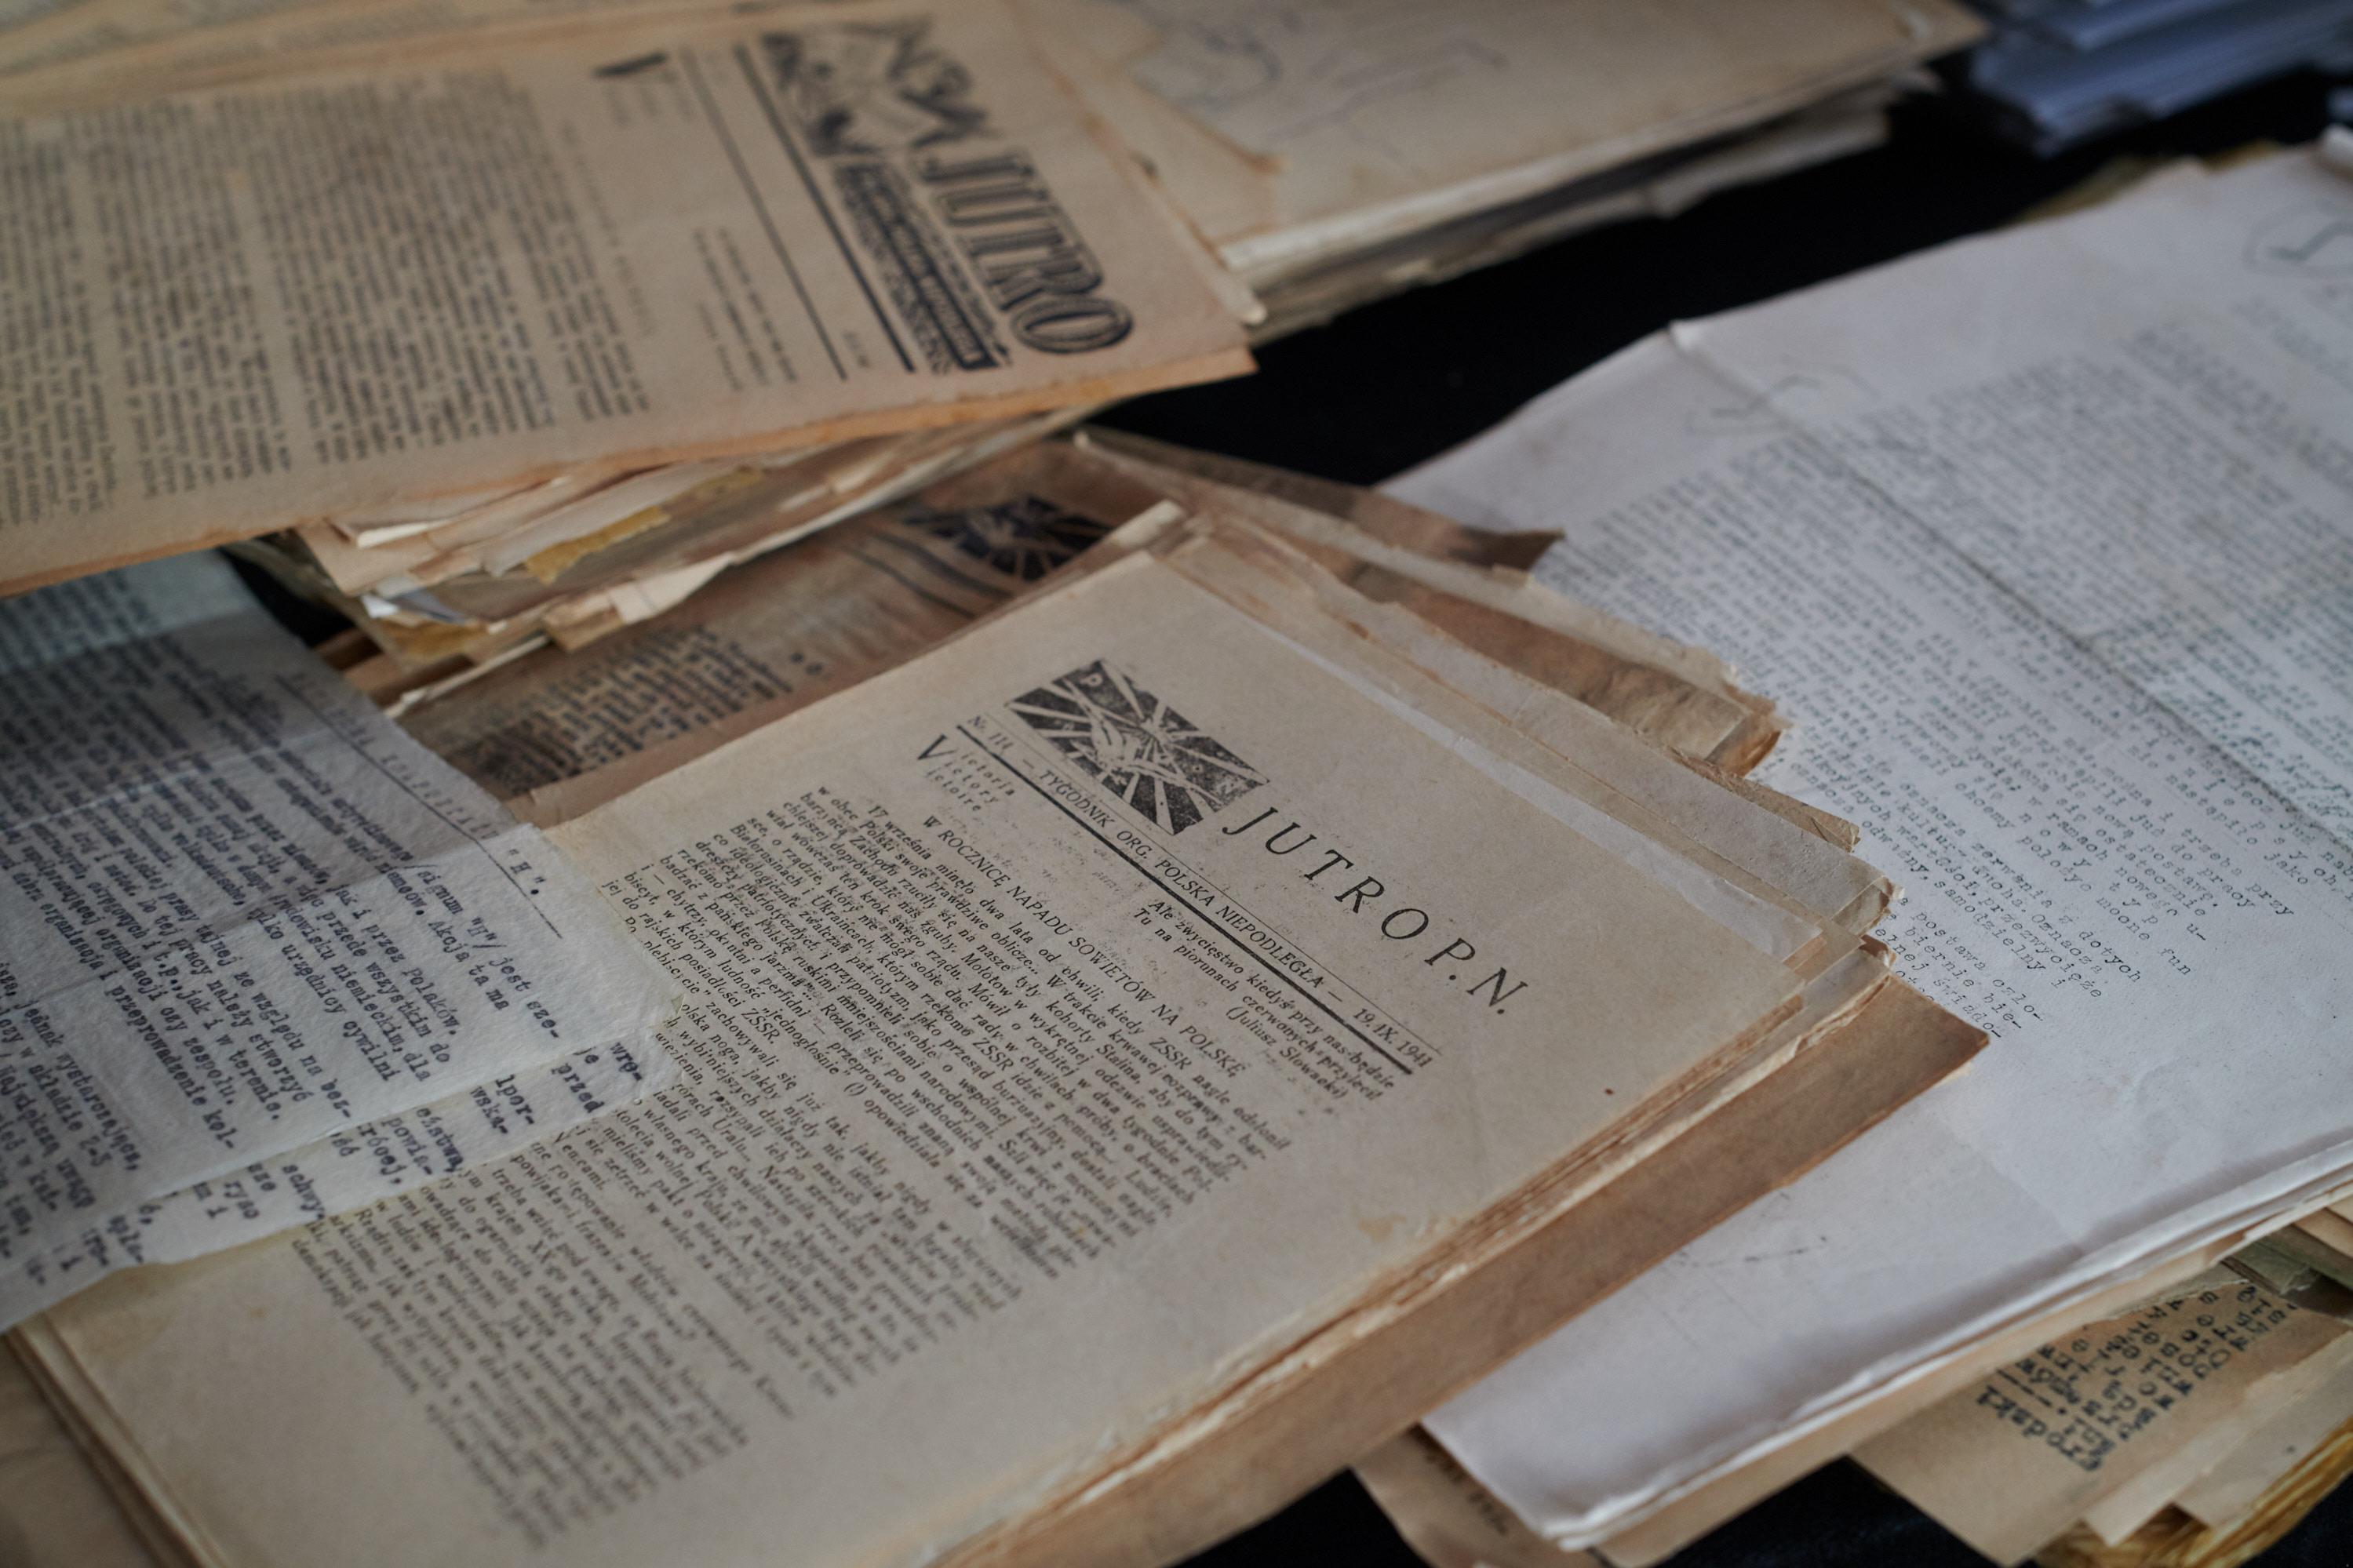 pge-przekazala-muzeum-pamieci-powstania-warszawskiego-unikalne-dokumenty-ak_1.jpg